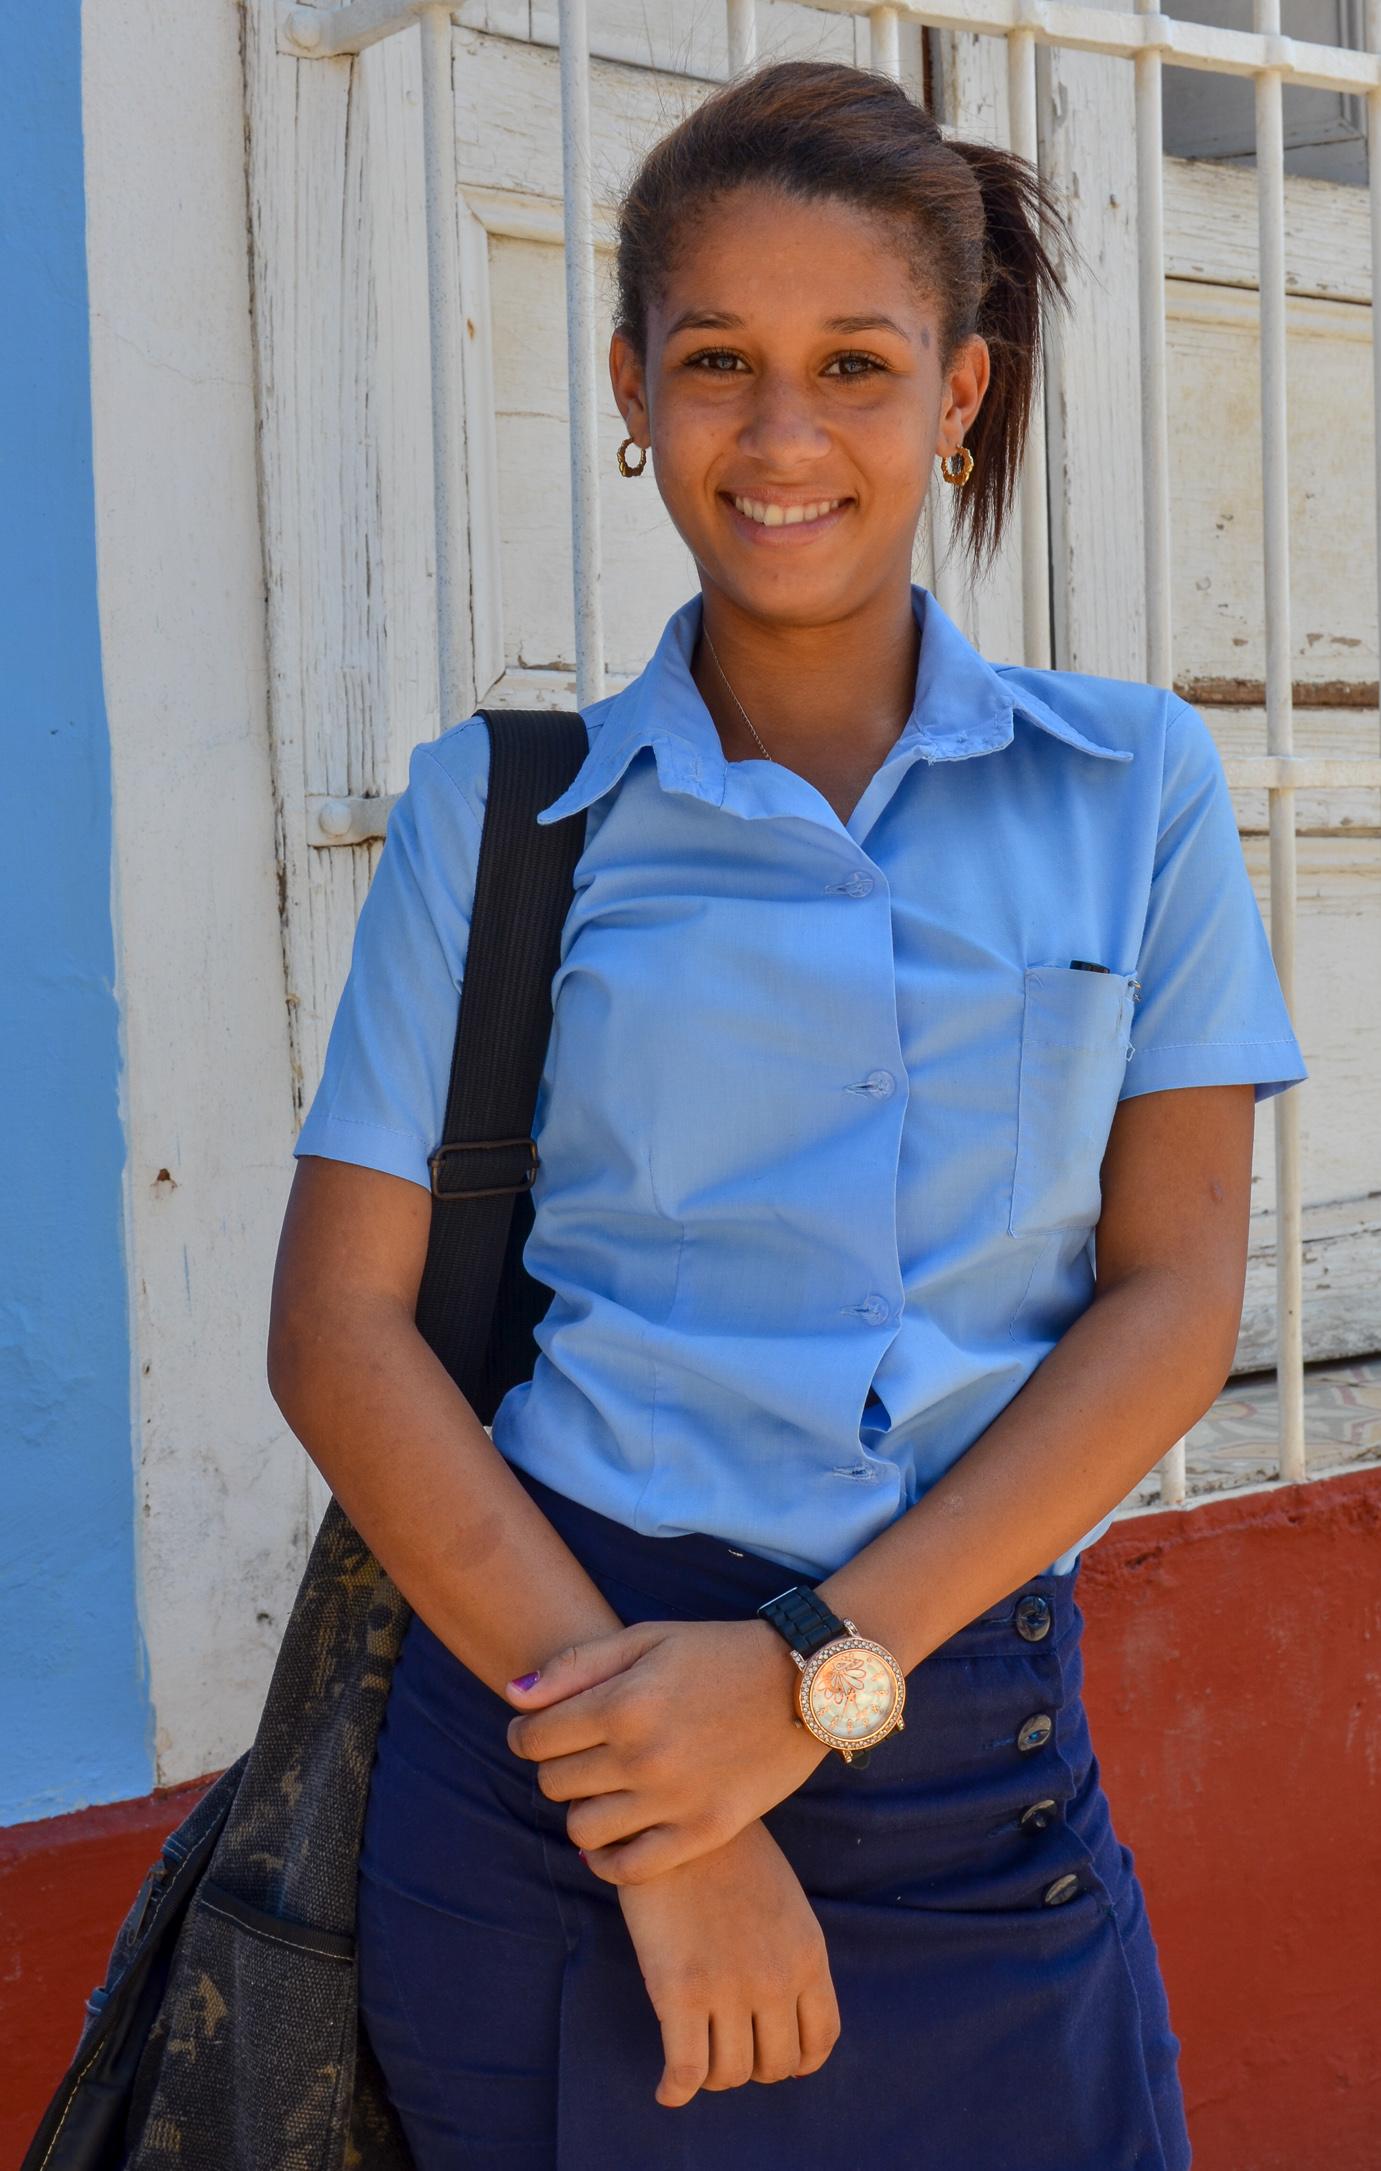 School Girl - Trinidad Cuba 2015.